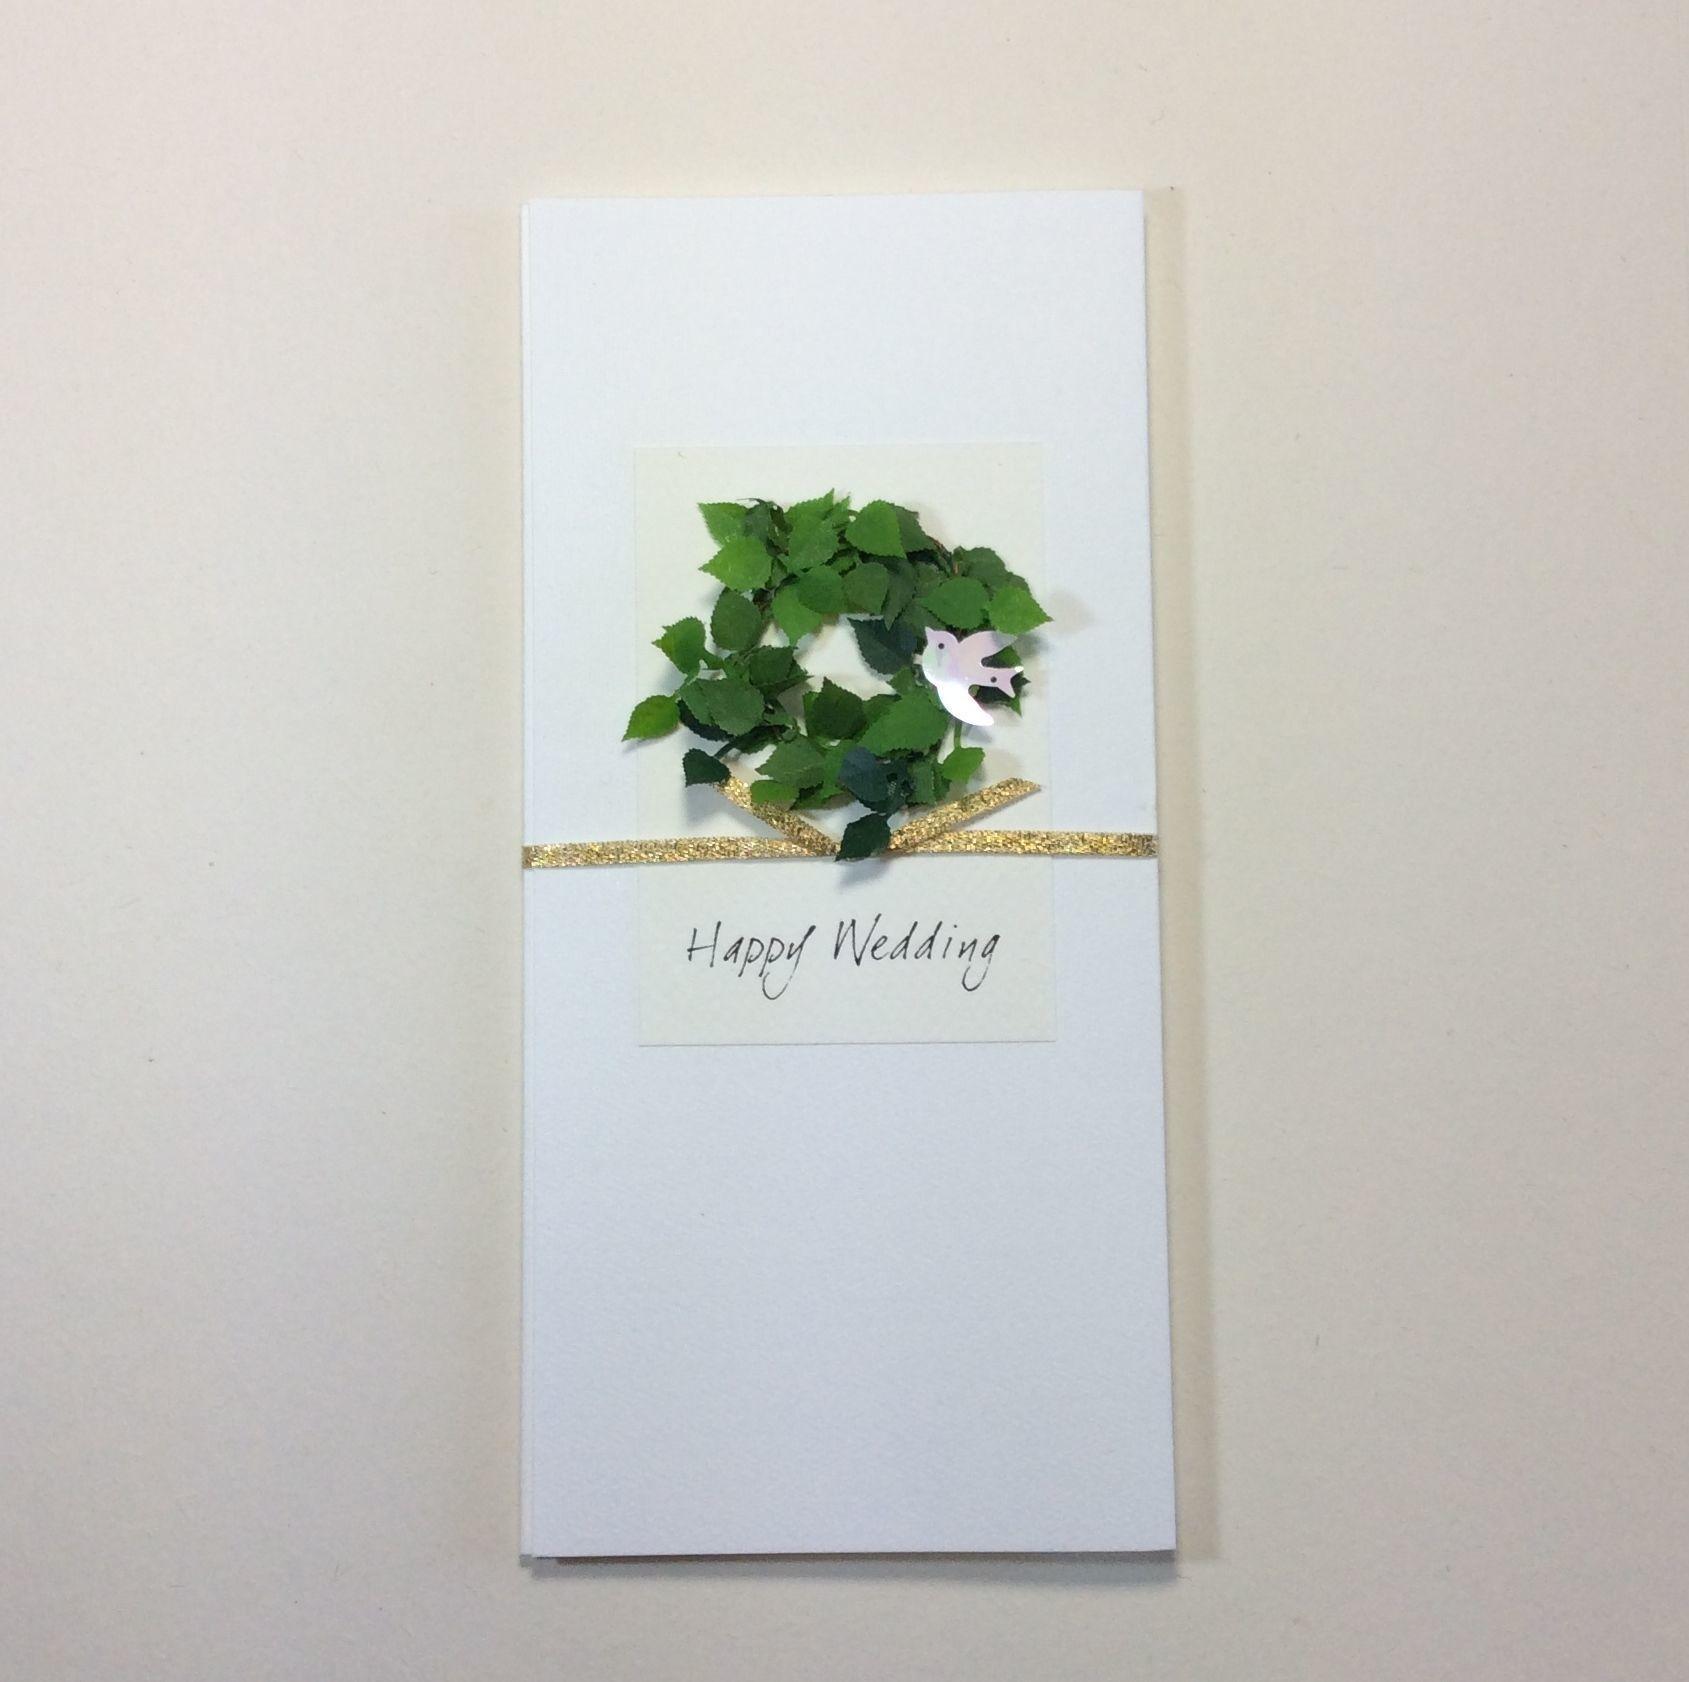 ご祝儀袋(ご結婚のお祝い) GS-003 リース&バード